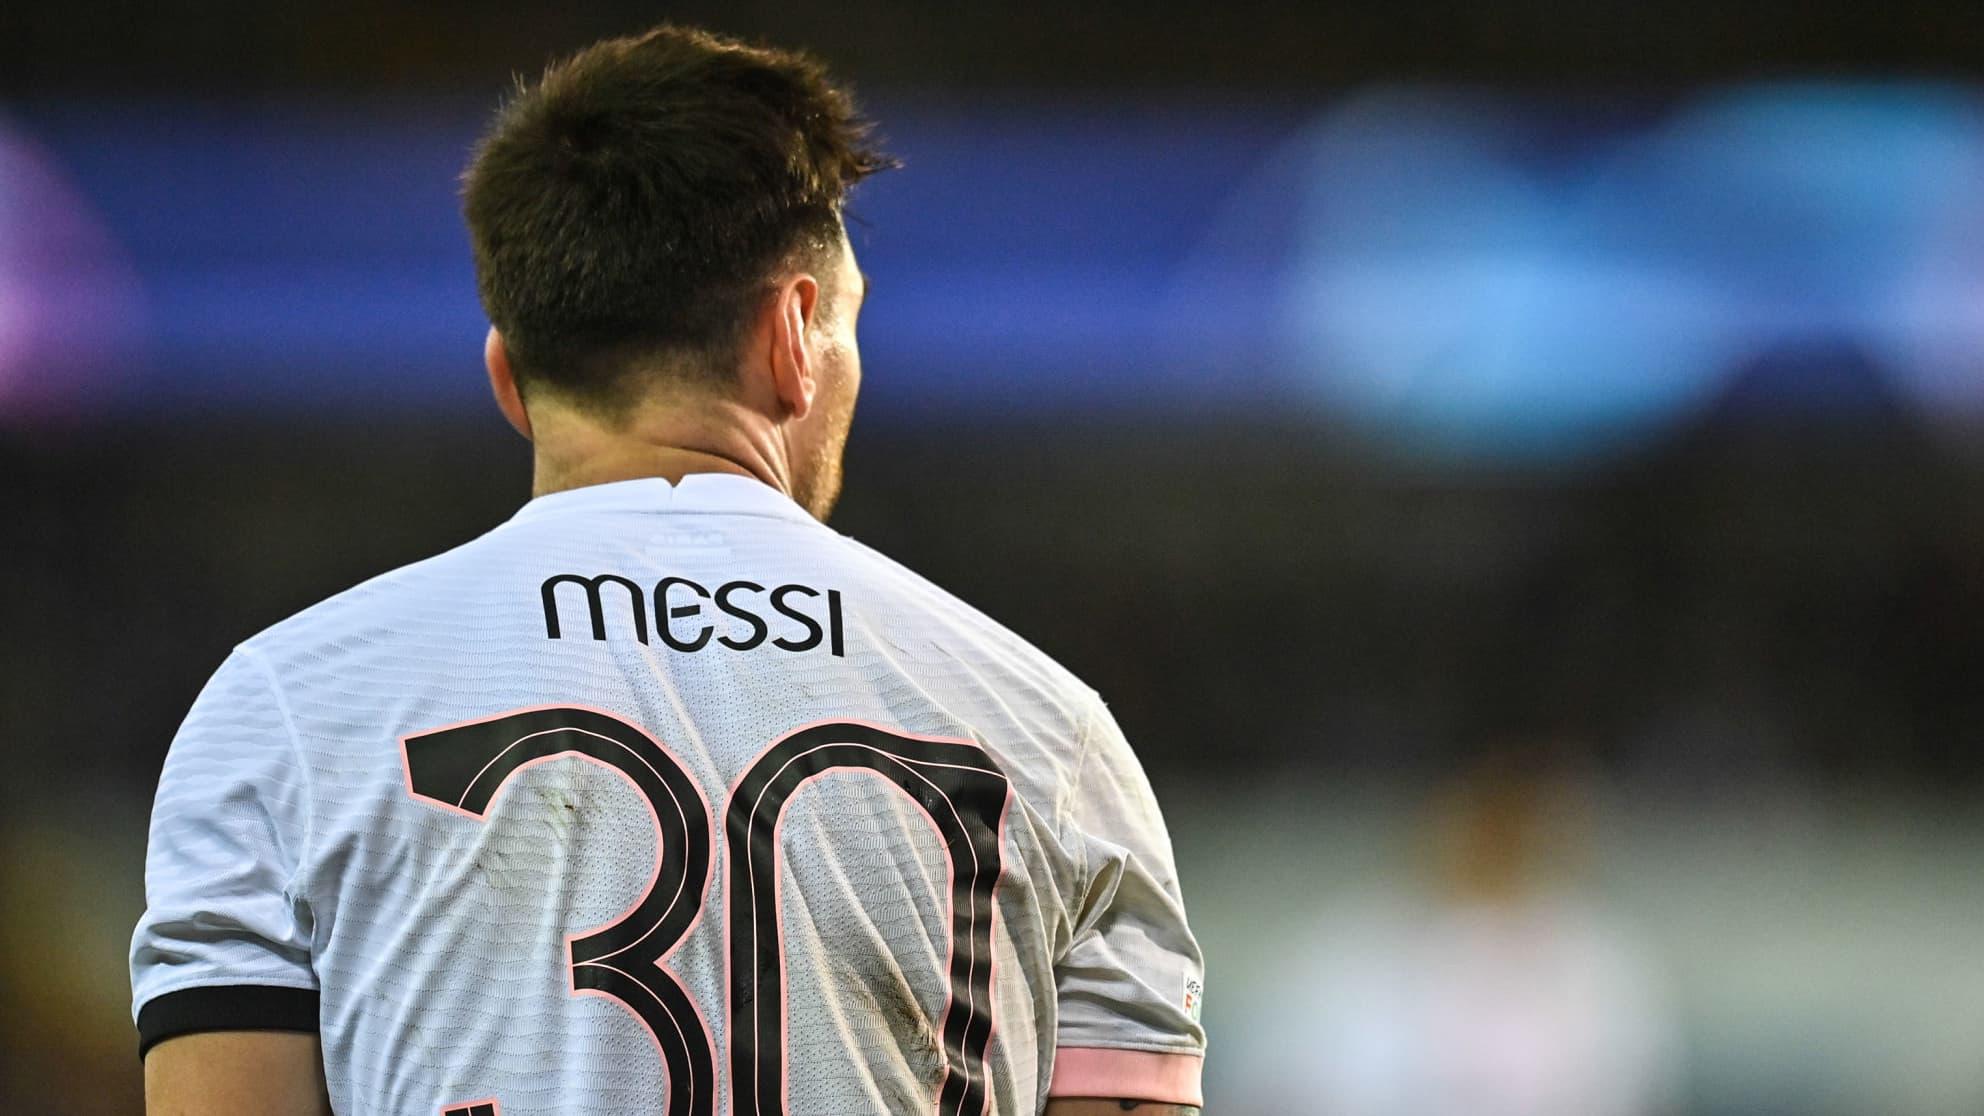 PRONOS PARIS RMC Les paris sur PSG – Lyon du 19 septembre – Ligue 1